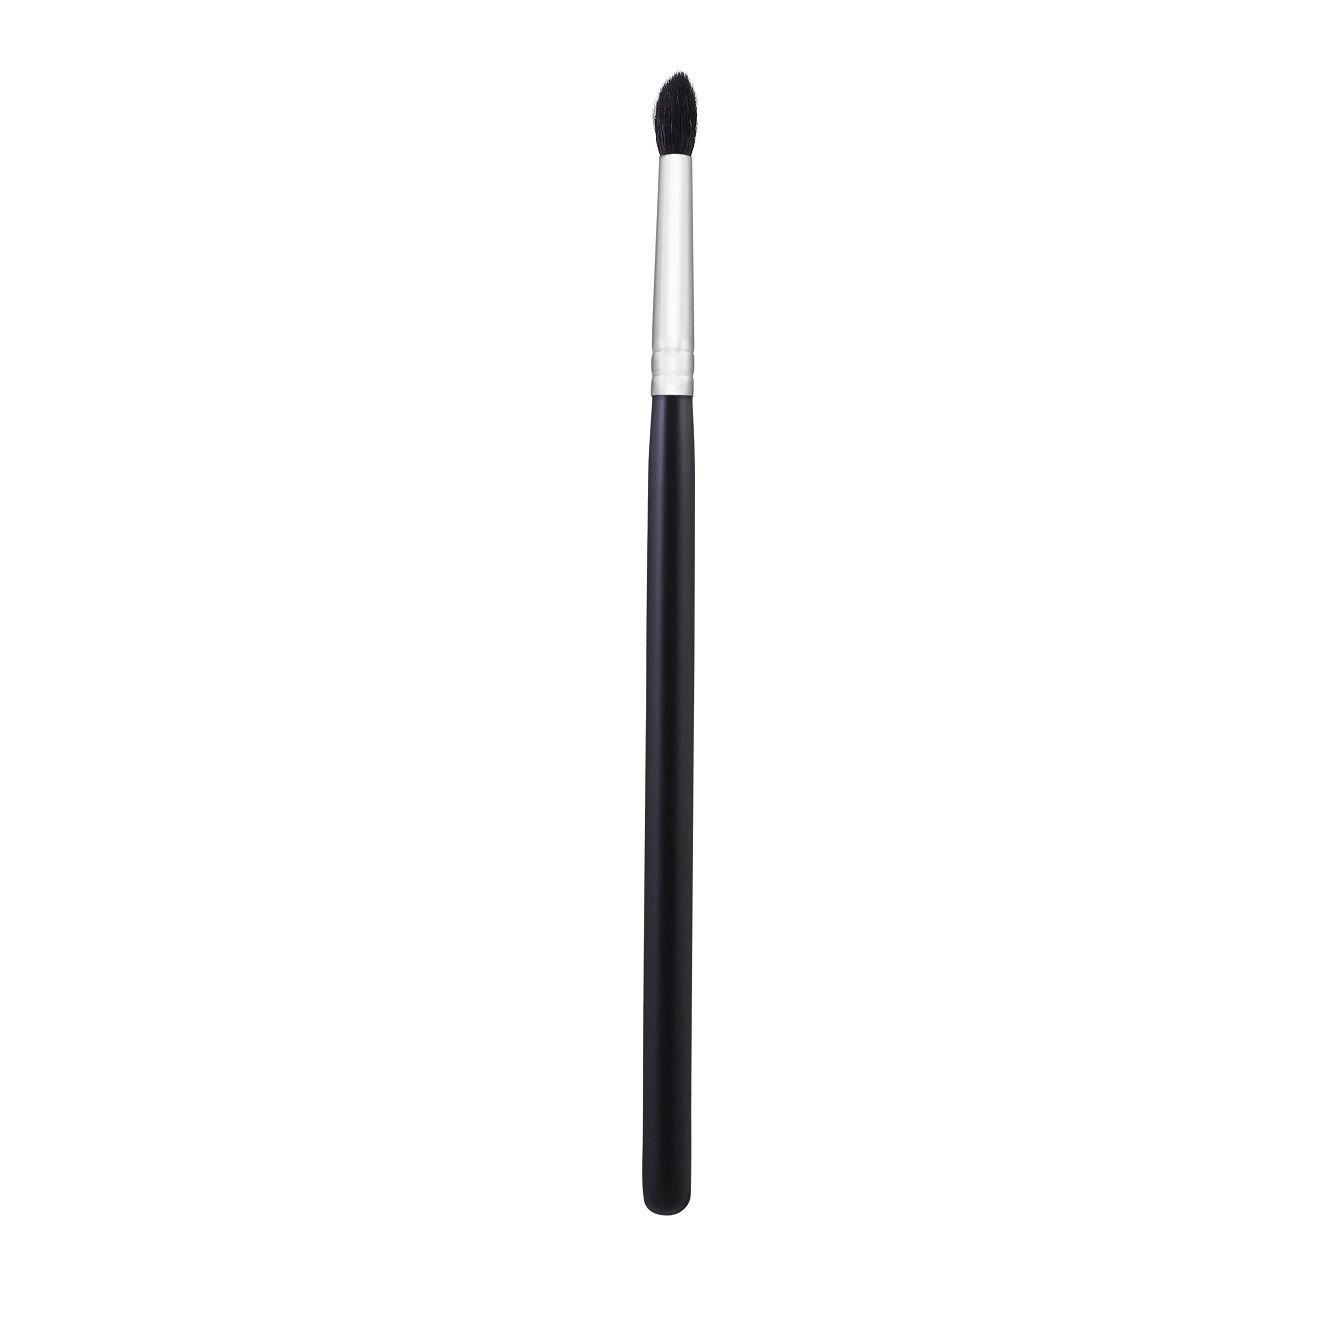 Morphe Brushes M506 - Tapered Mini Blender